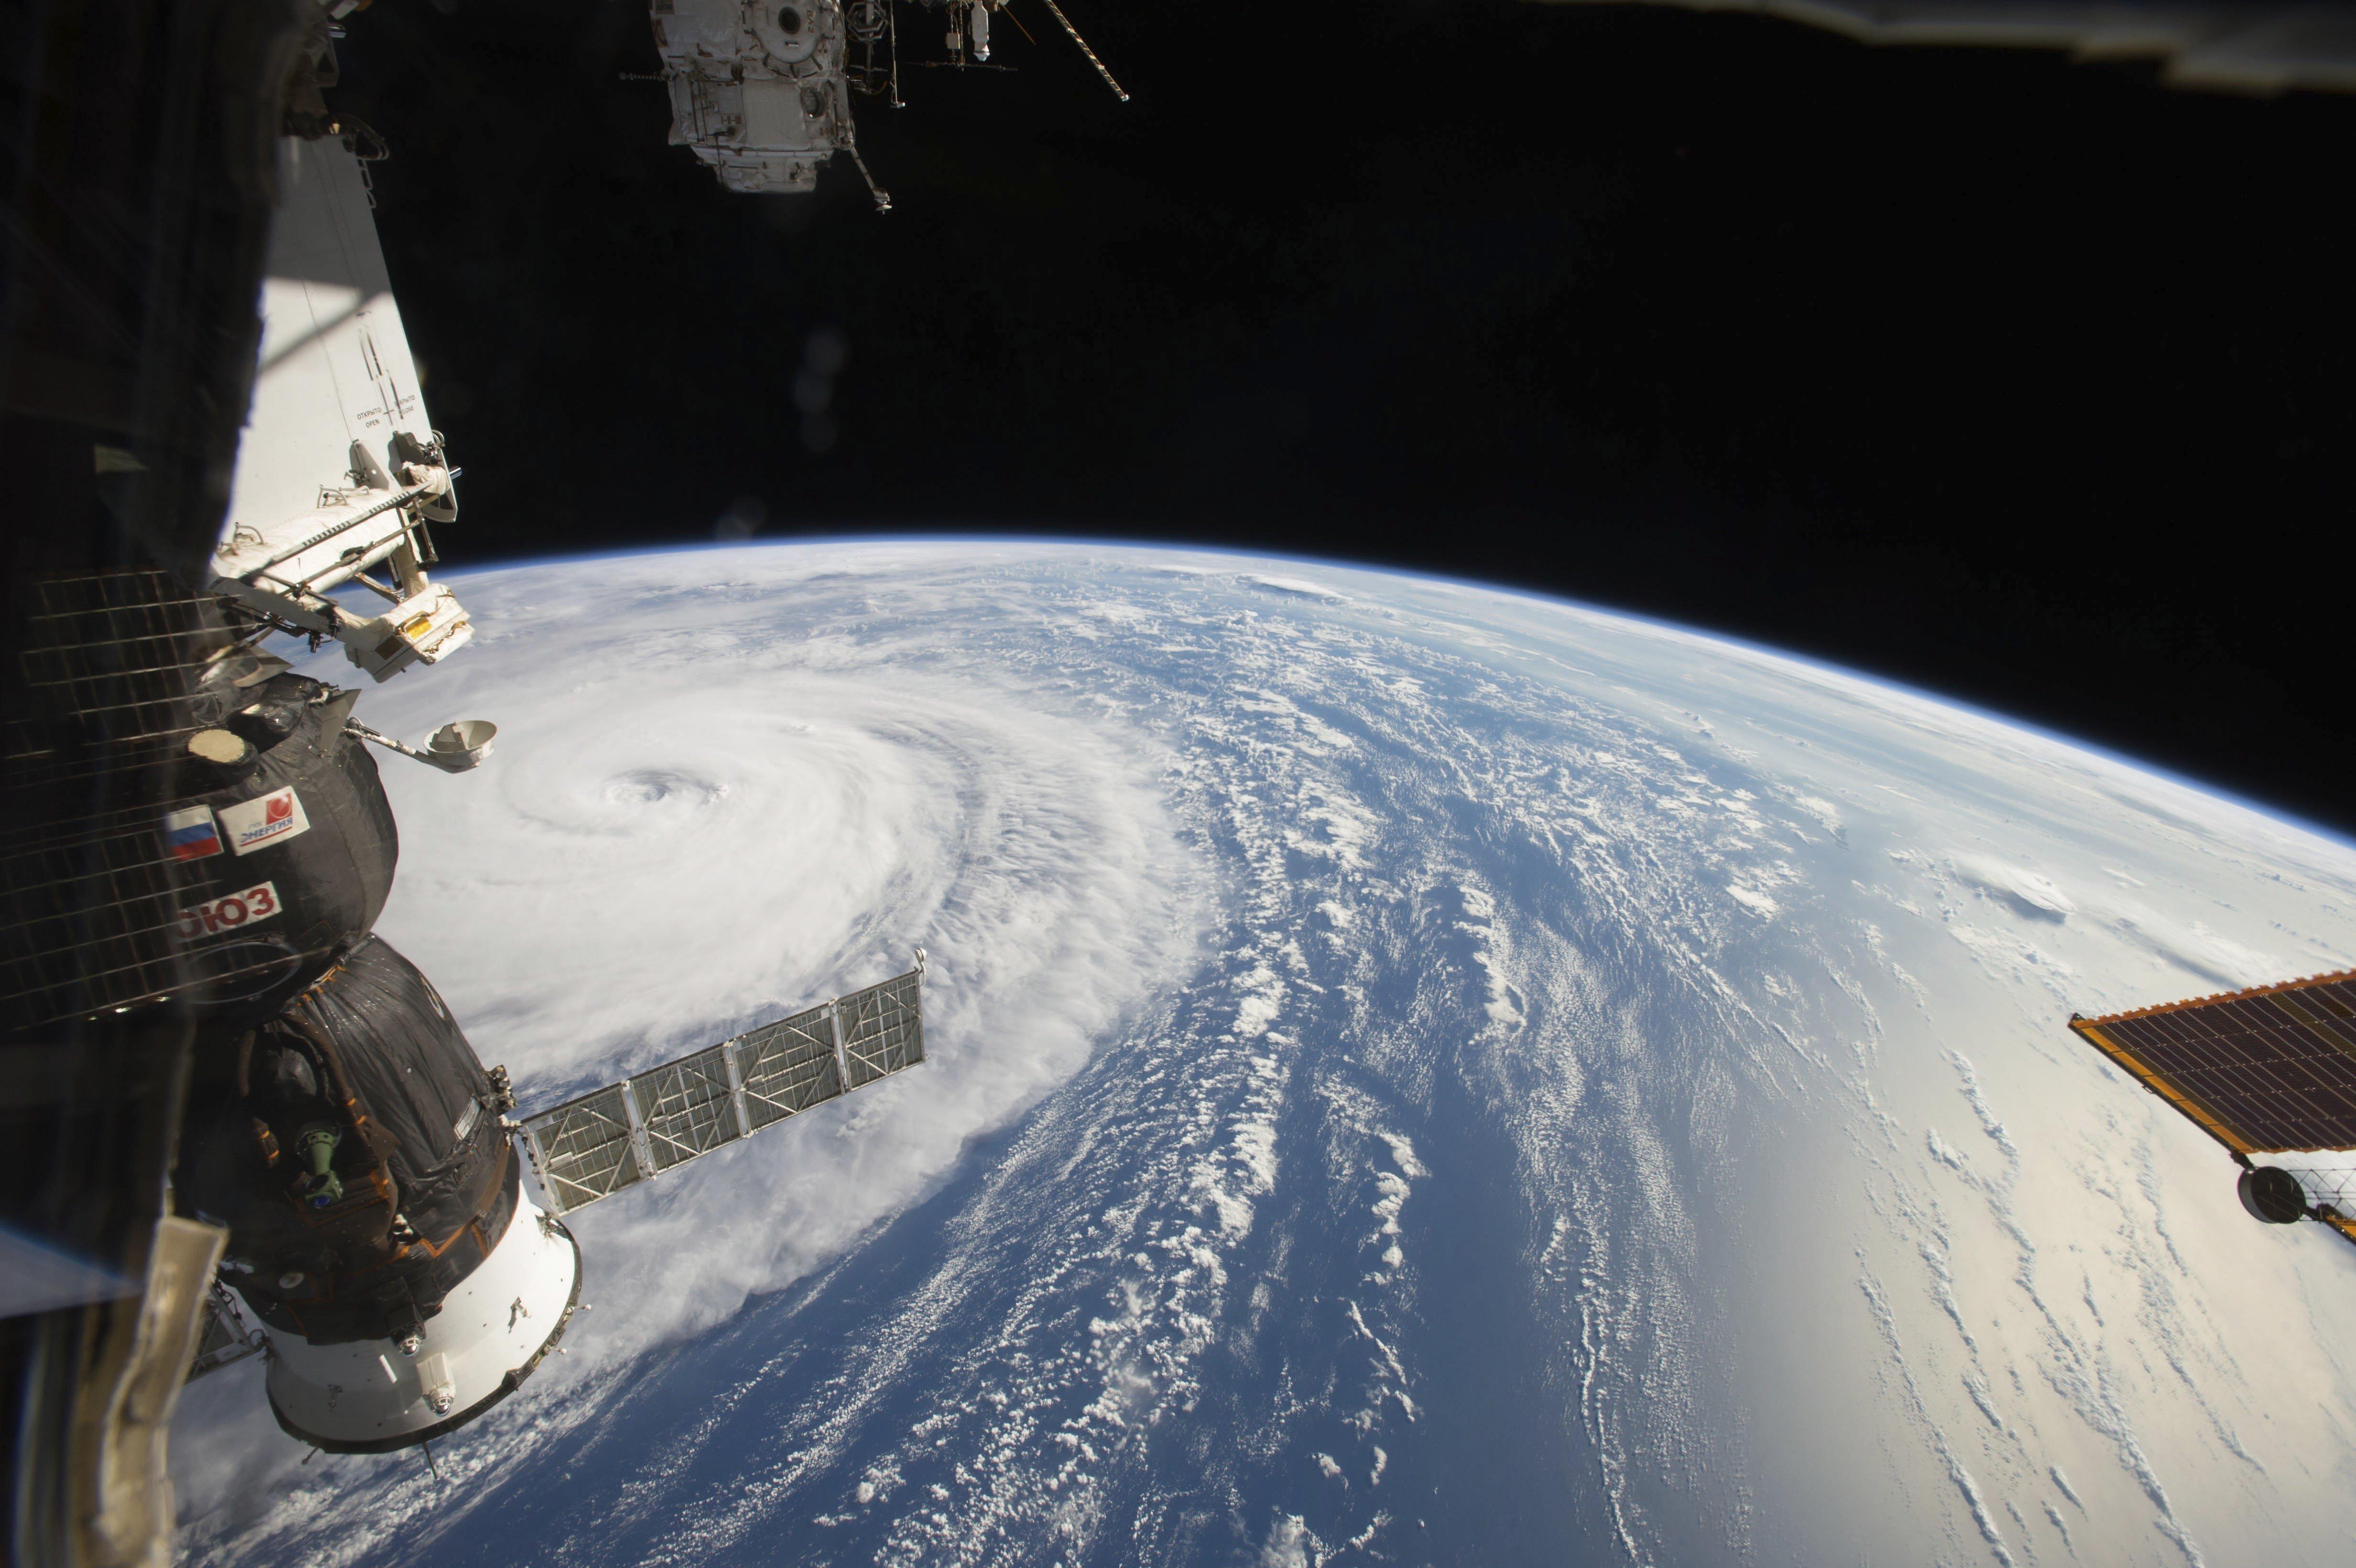 Fotografia presa des de l'Estació Espacial Internacional i facilitada per la NASA, que mostra El Tifó Noru al nord de l'Oceà Pacífic. /RANDY BRESNIK